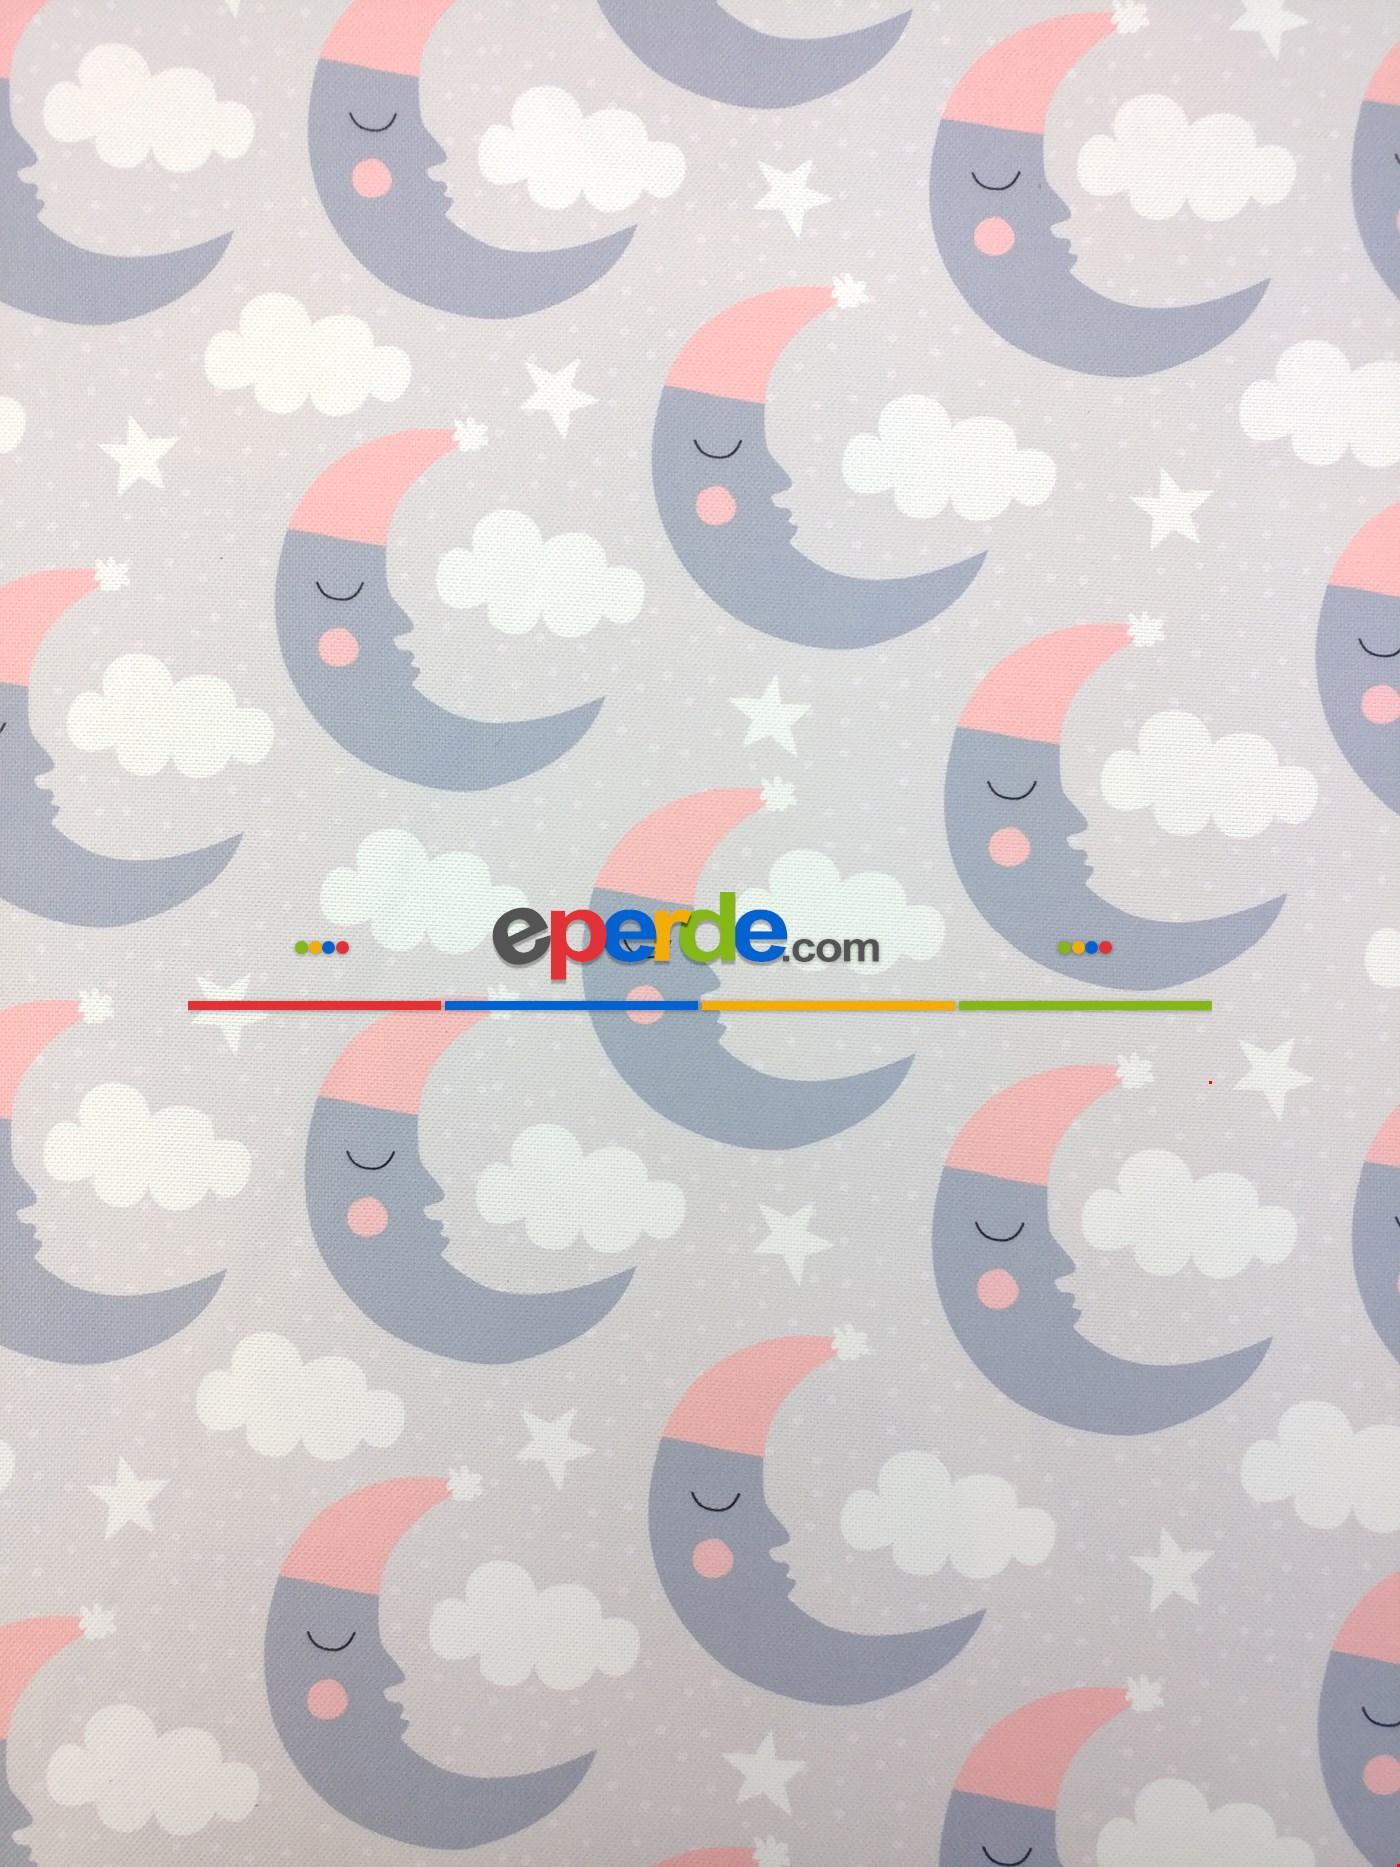 Bulut Desenli Bebek Odası Fon Perde Modelleri - Ay Dedeli